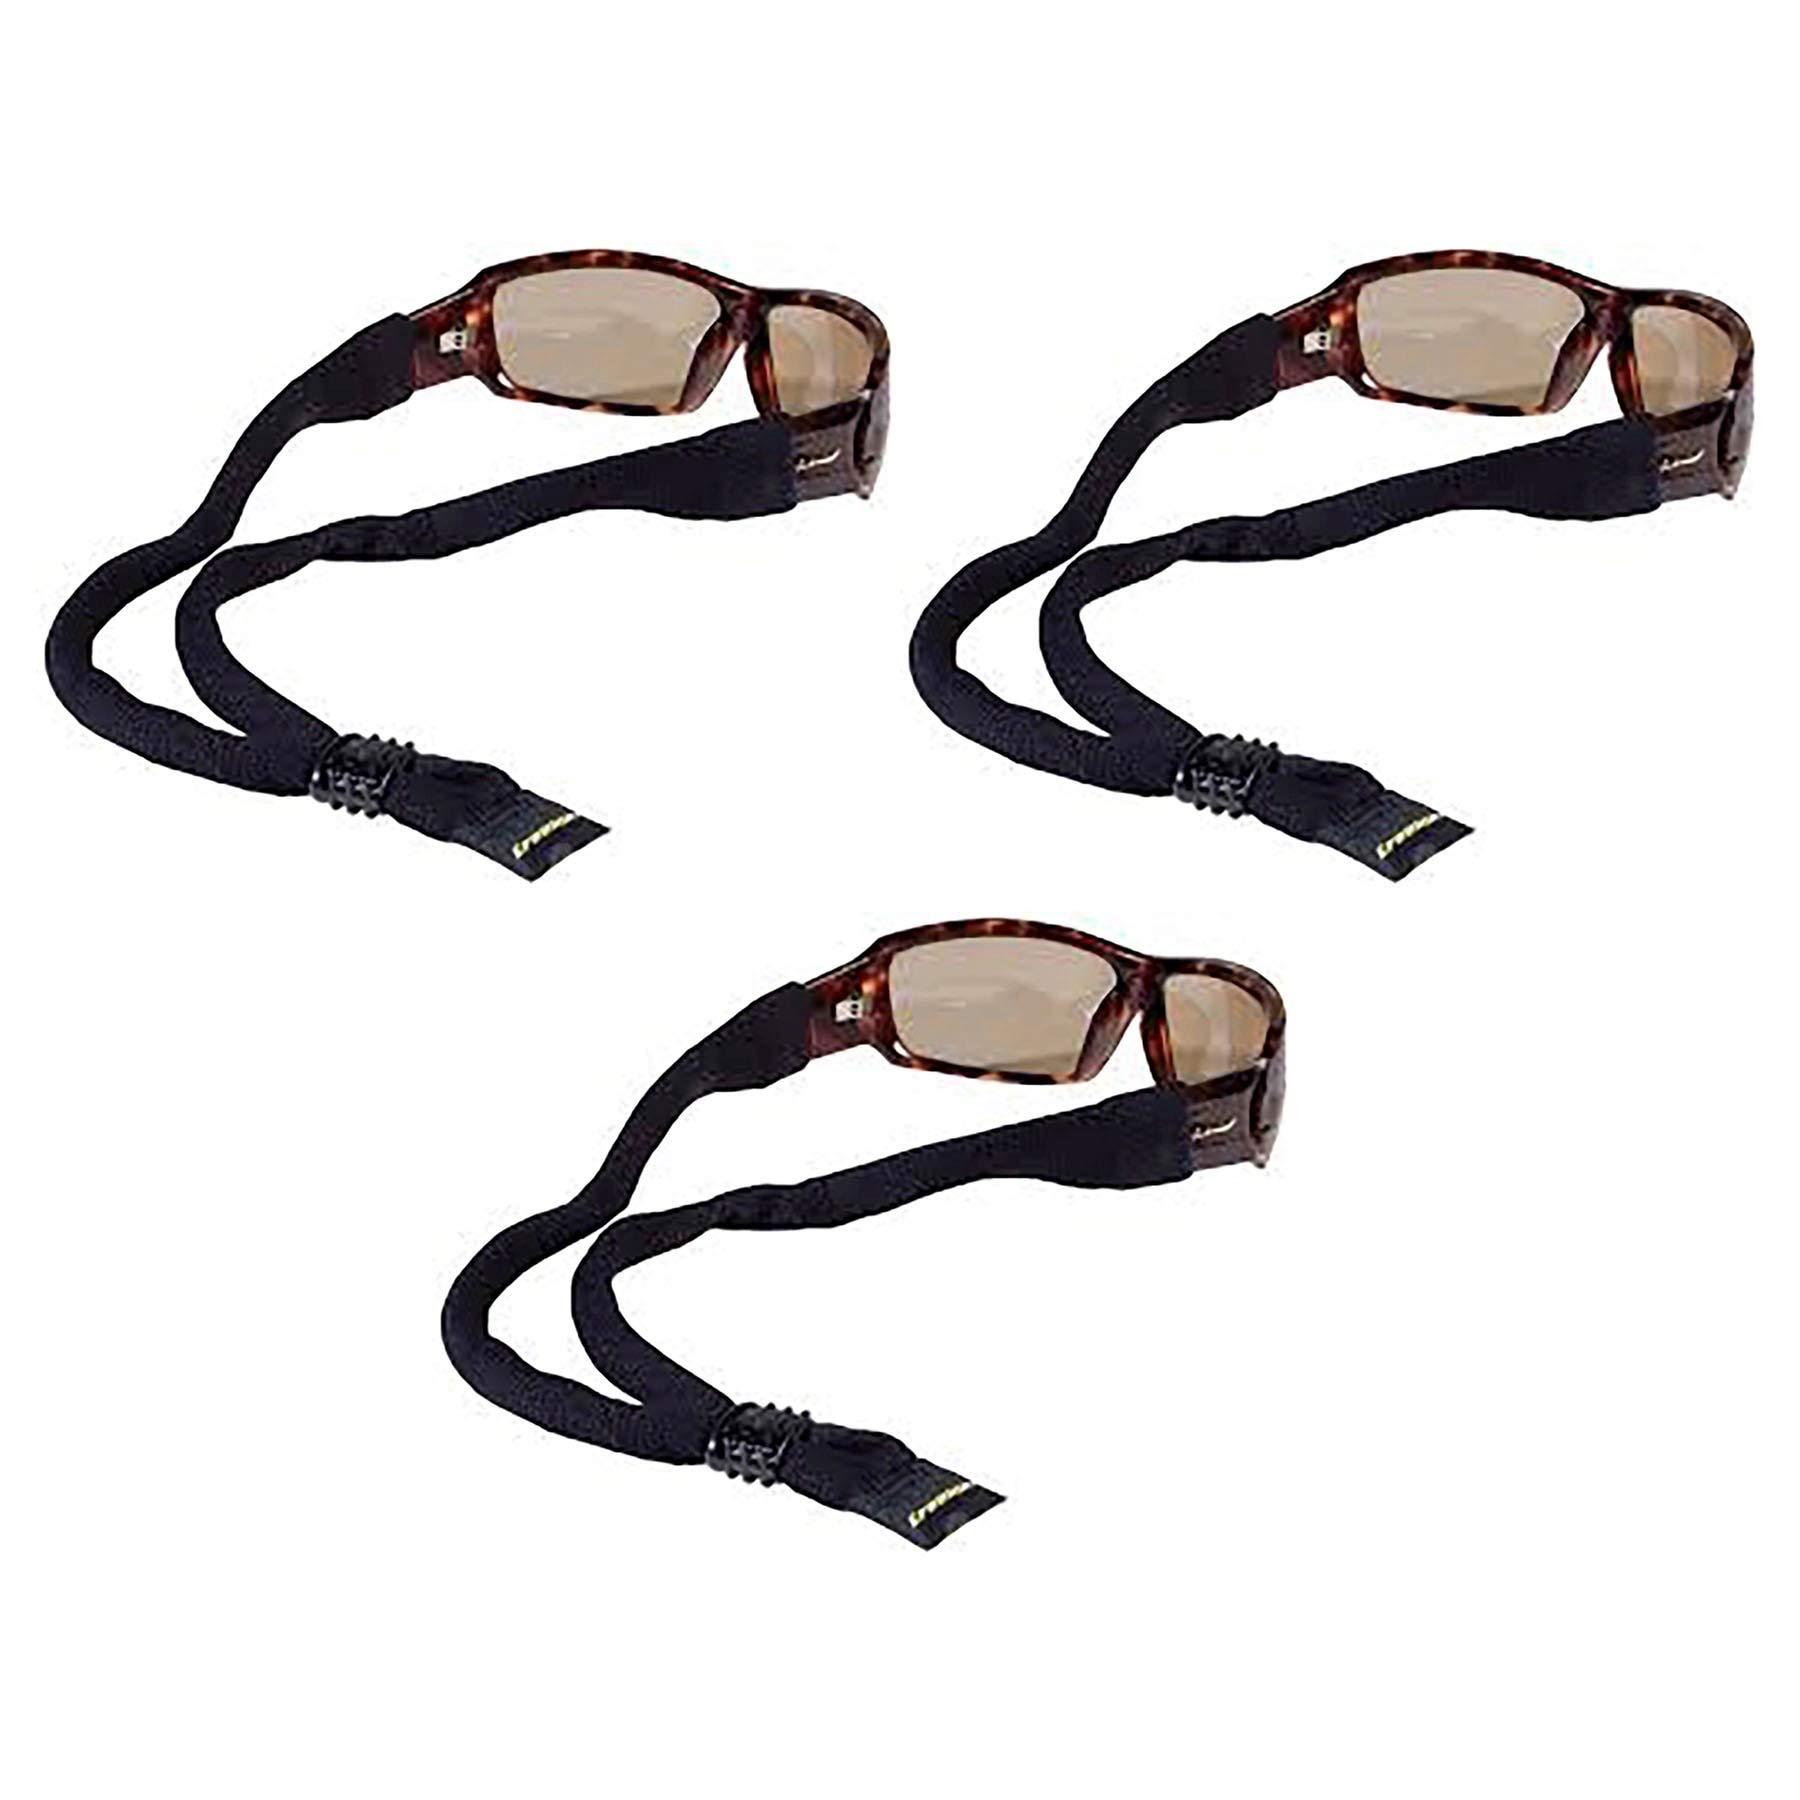 Croakies XL Cotton Suiter Eyewear Retainer Black Adjustable Strap (3-Pack) by Croakies